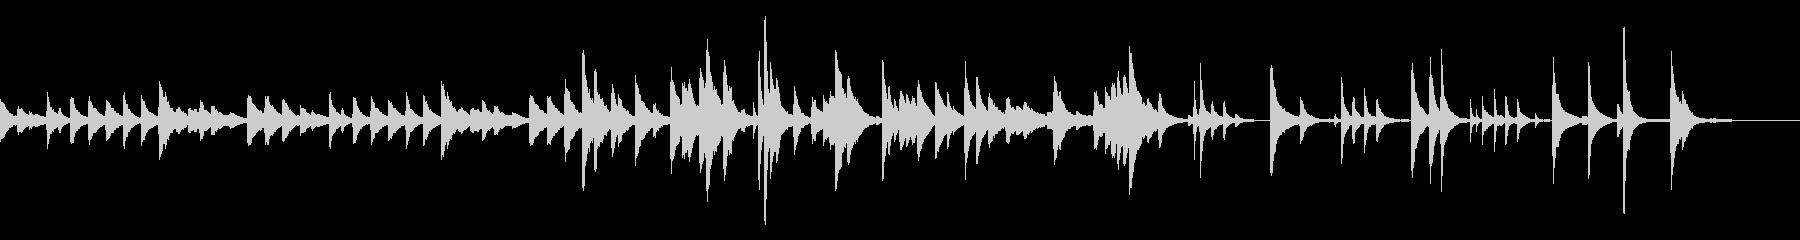 ささやかなジャズ風ピアノの未再生の波形